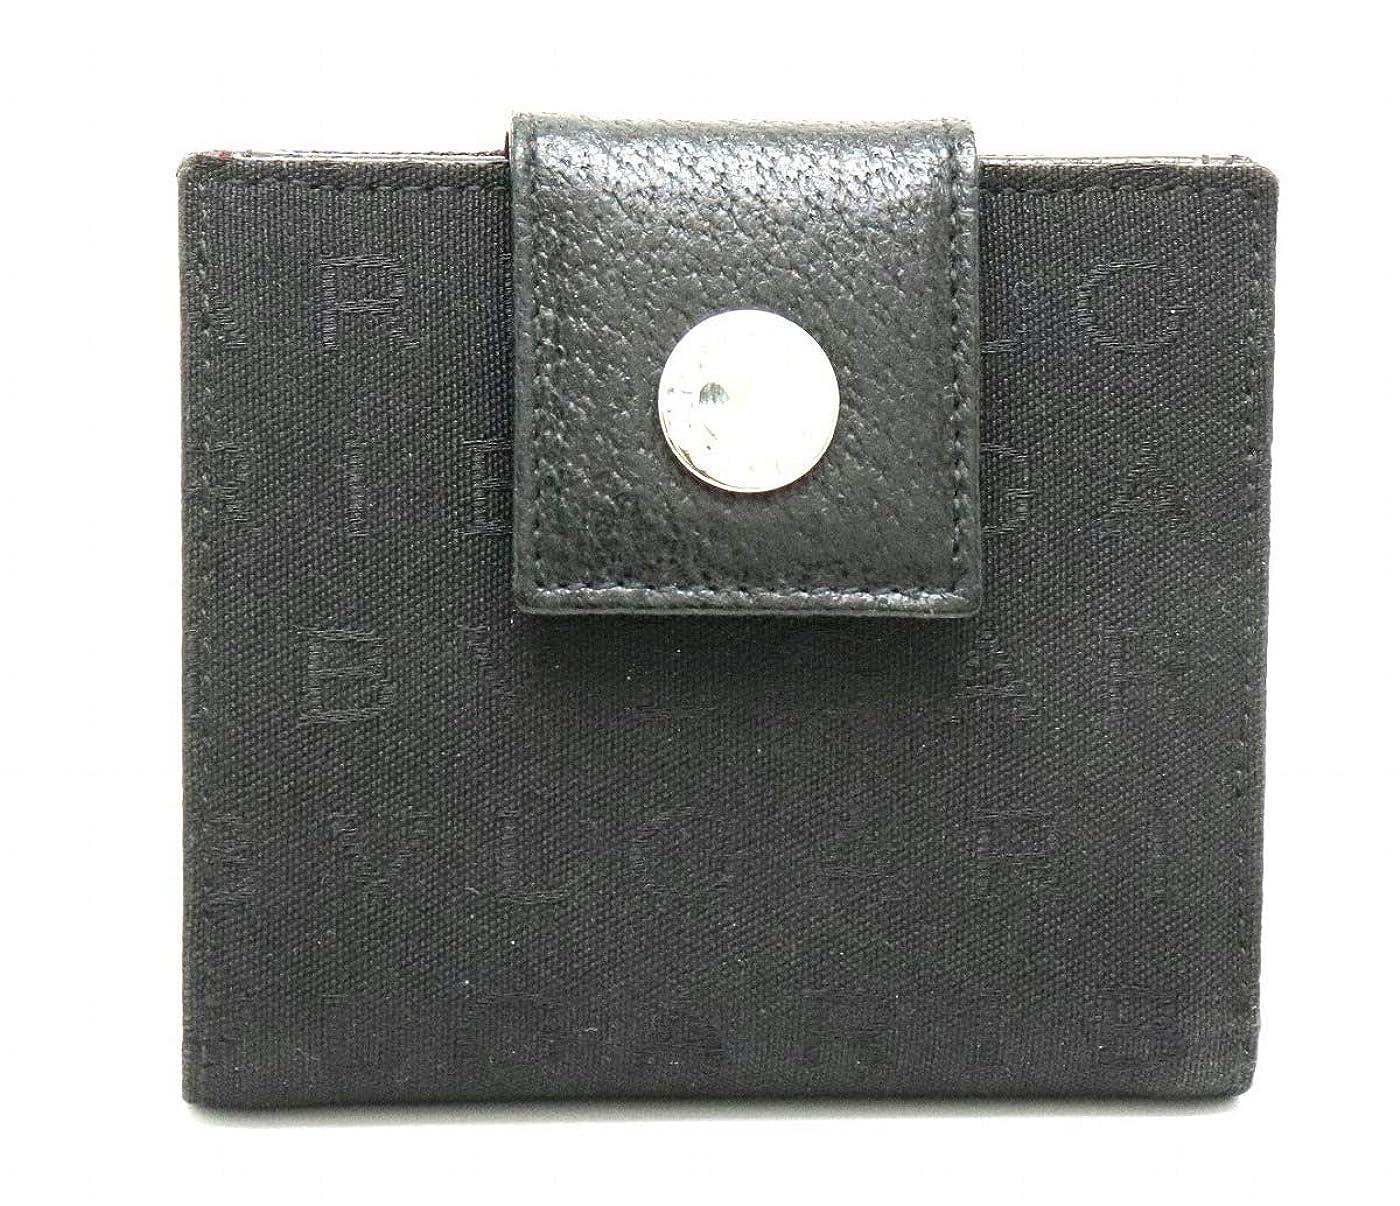 鉛筆電卓小屋[ブルガリ] BVLGARI レッタレ ロゴマニア Wホック ダブルホック 2つ折財布 キャンバス レザー 黒 ブラック 赤 レッド シルバー金具 22250 [中古]